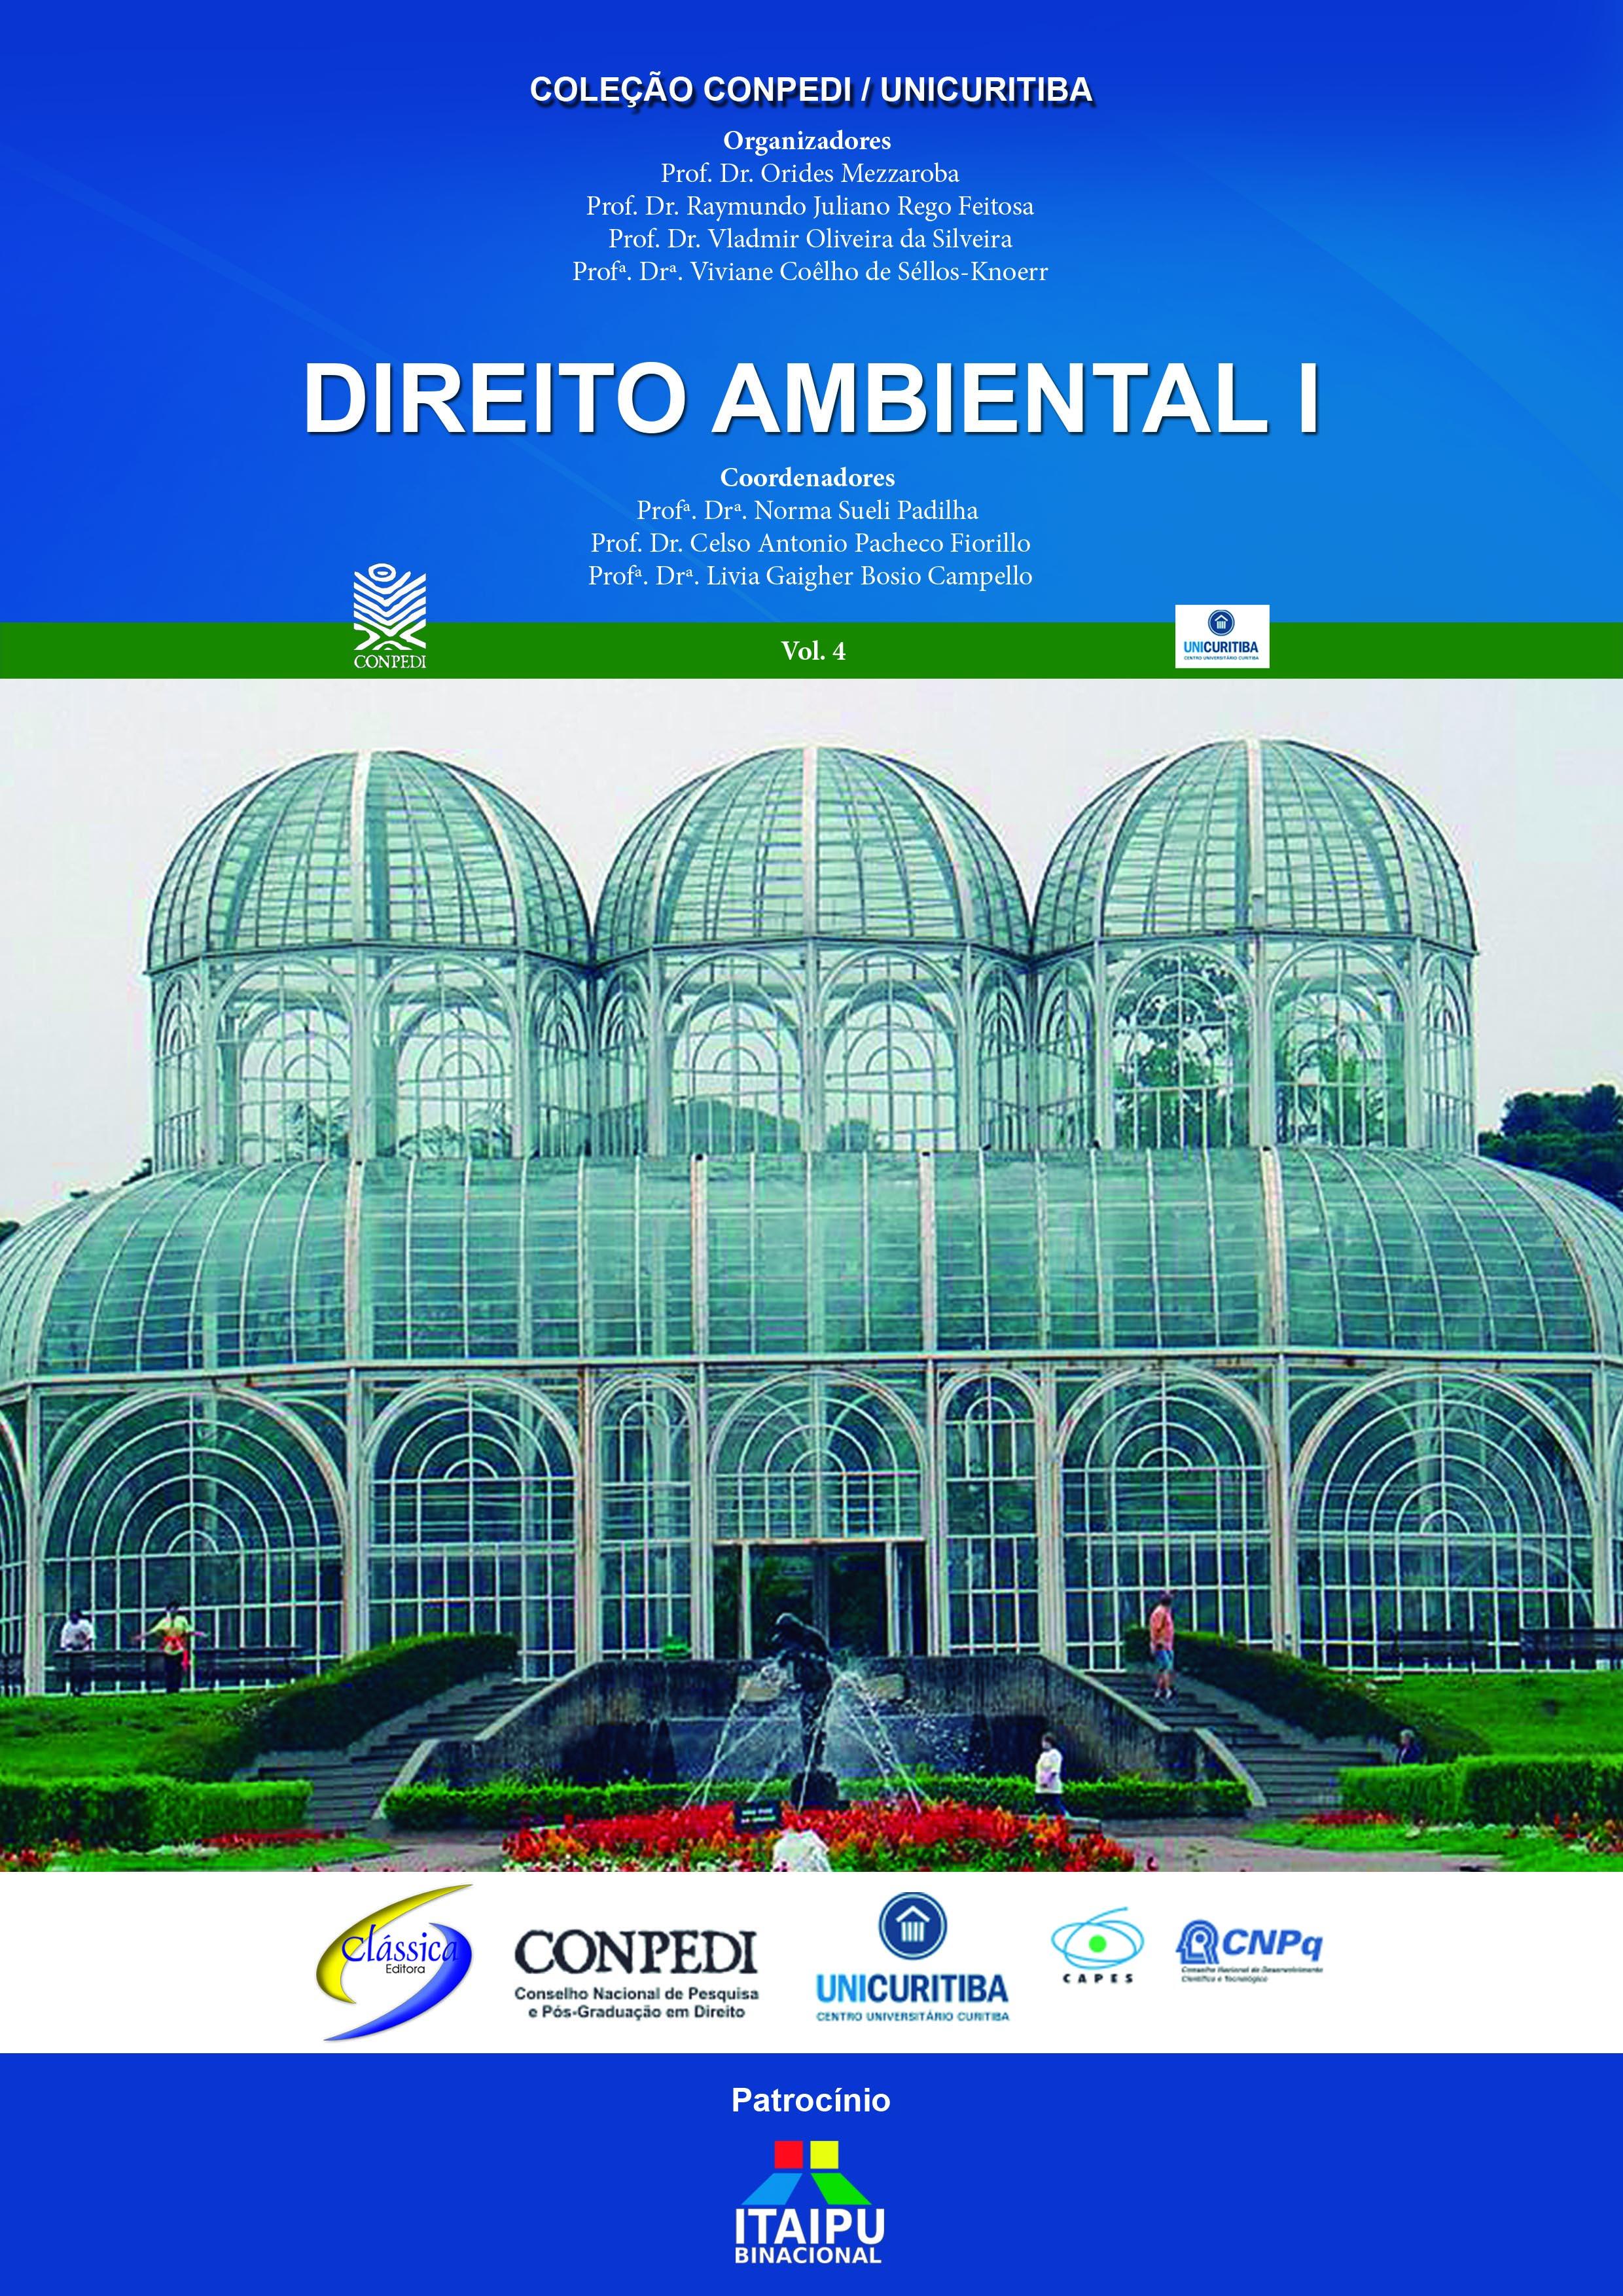 Direito Ambiental 1 vol. 04